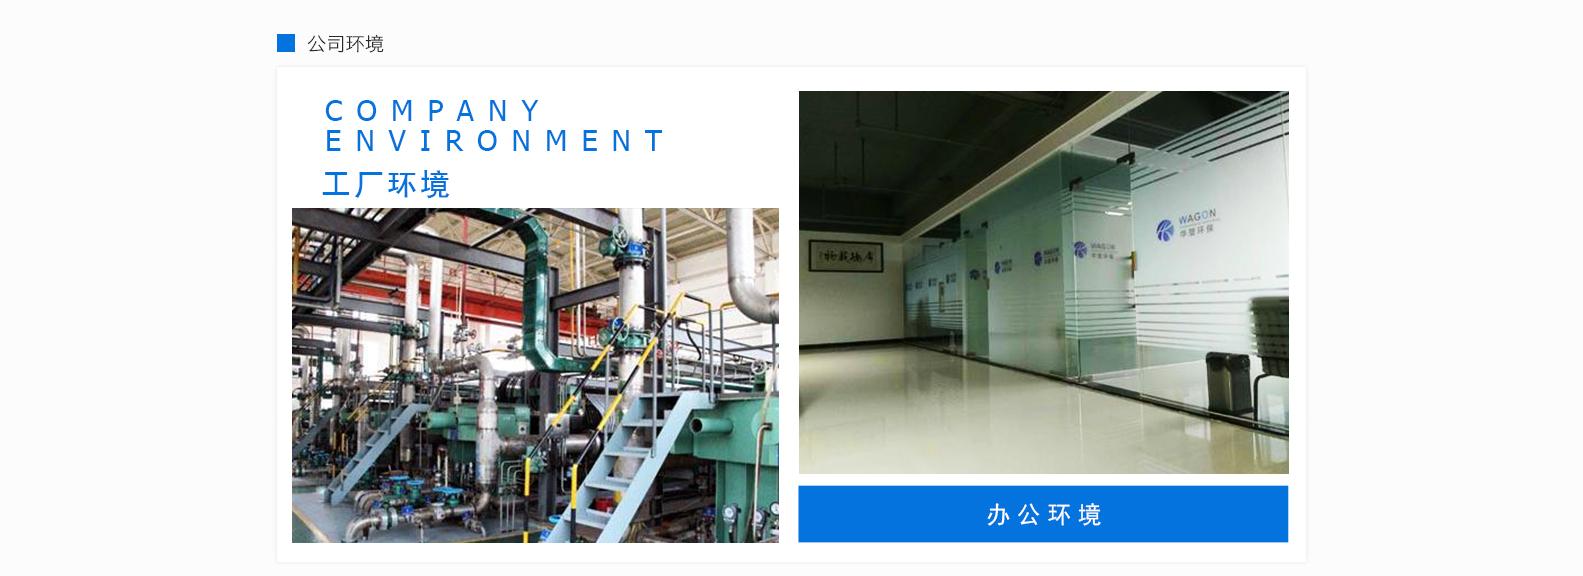 佛山市华堃环保技术有限公司专注于各类工业废水治理,公司环境整齐洁净规模大。